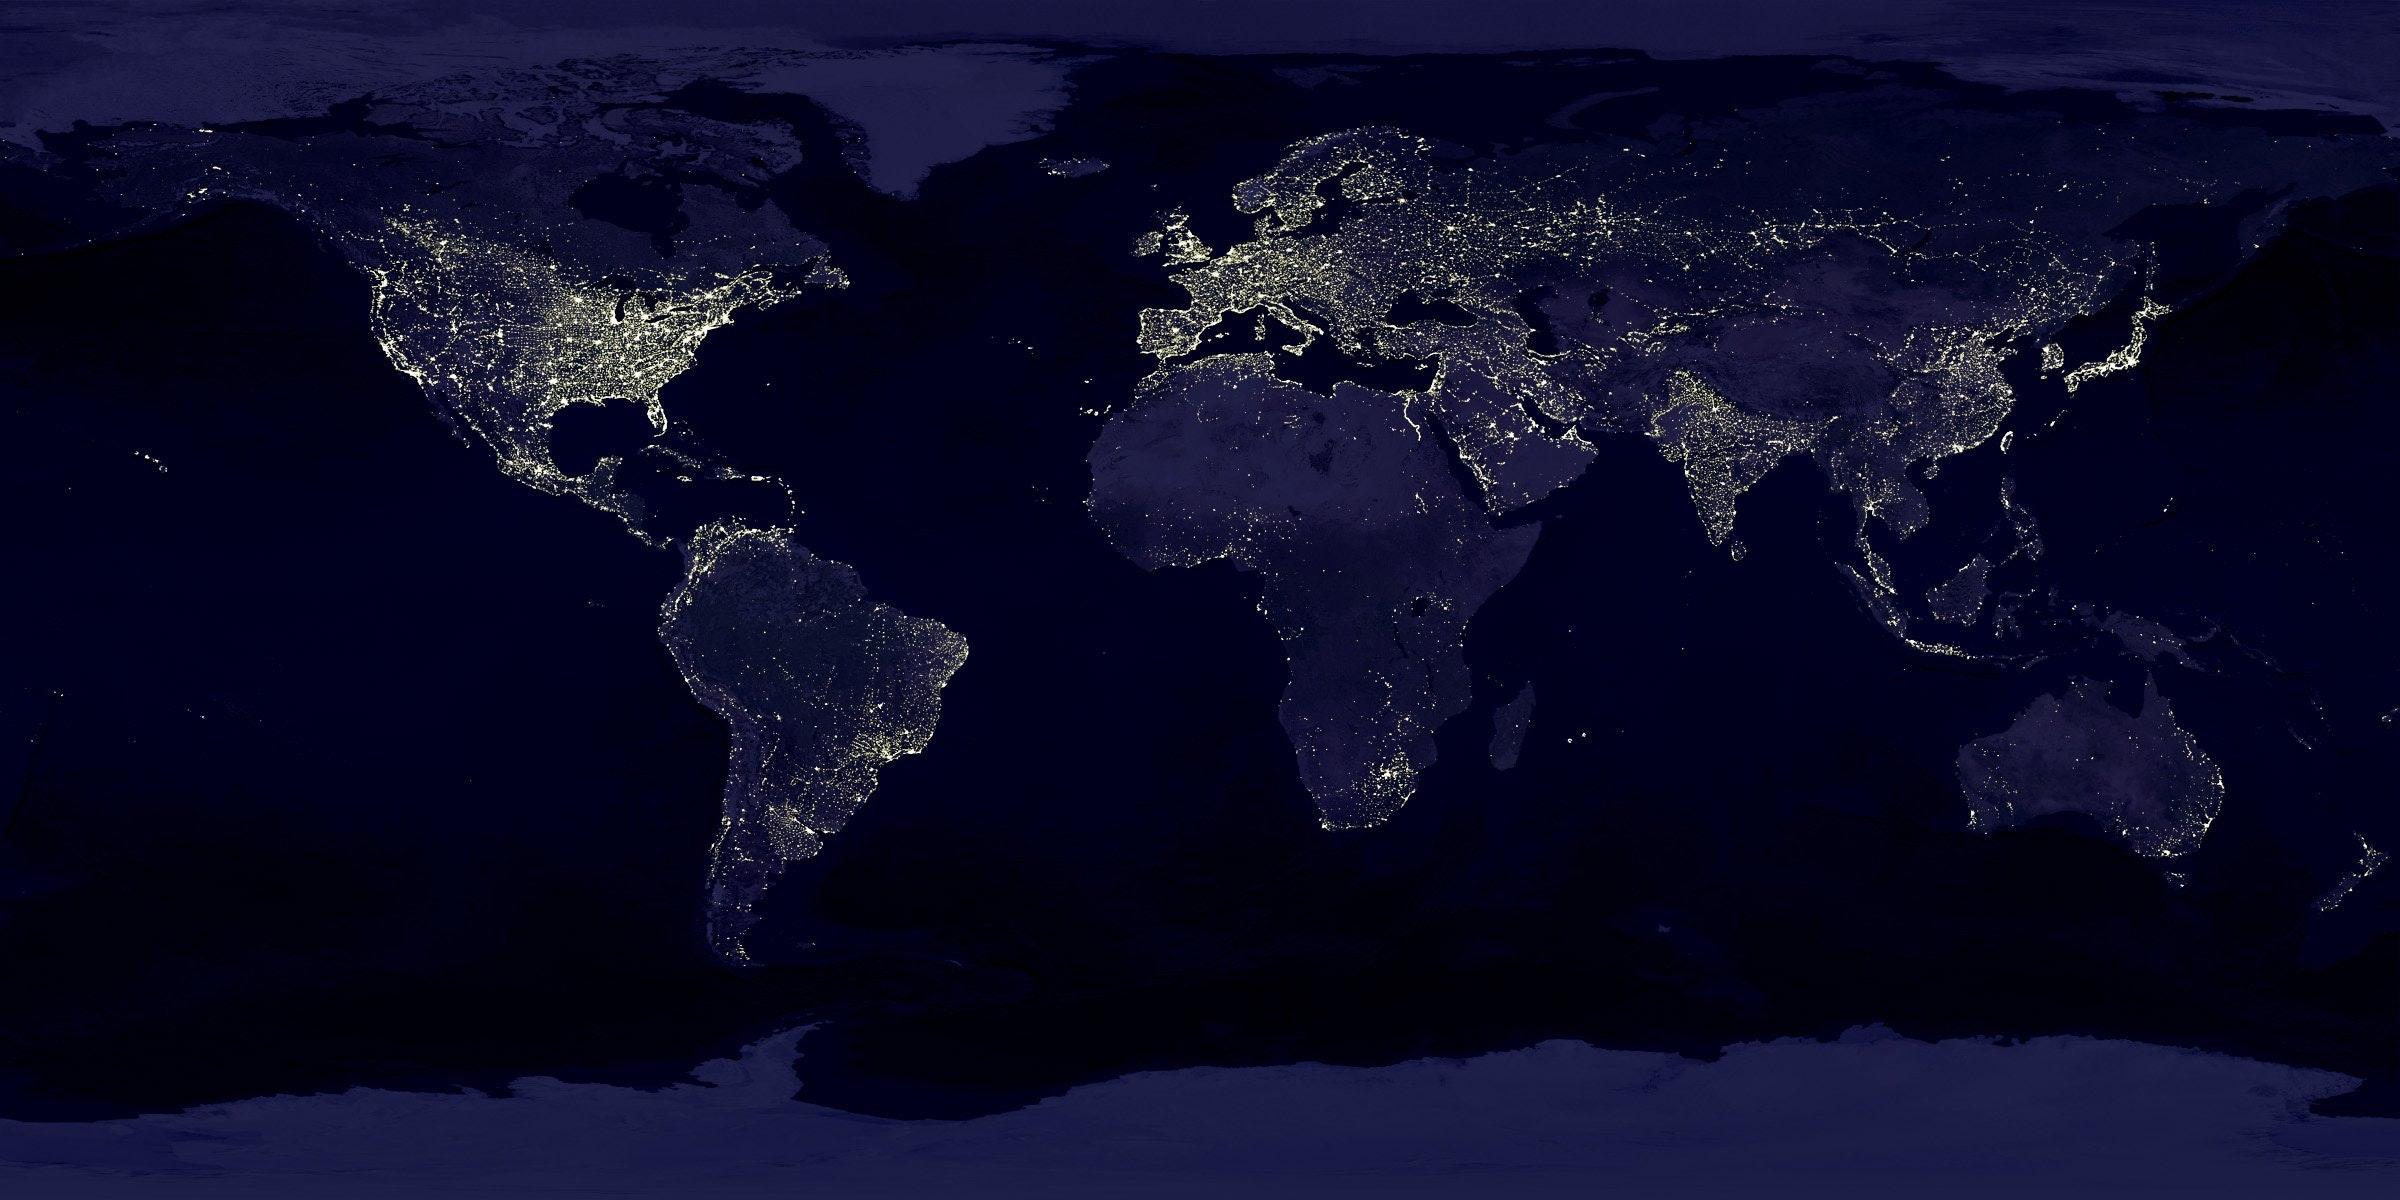 Kostenloses Foto zum Thema: beleuchtung, erde, lichter